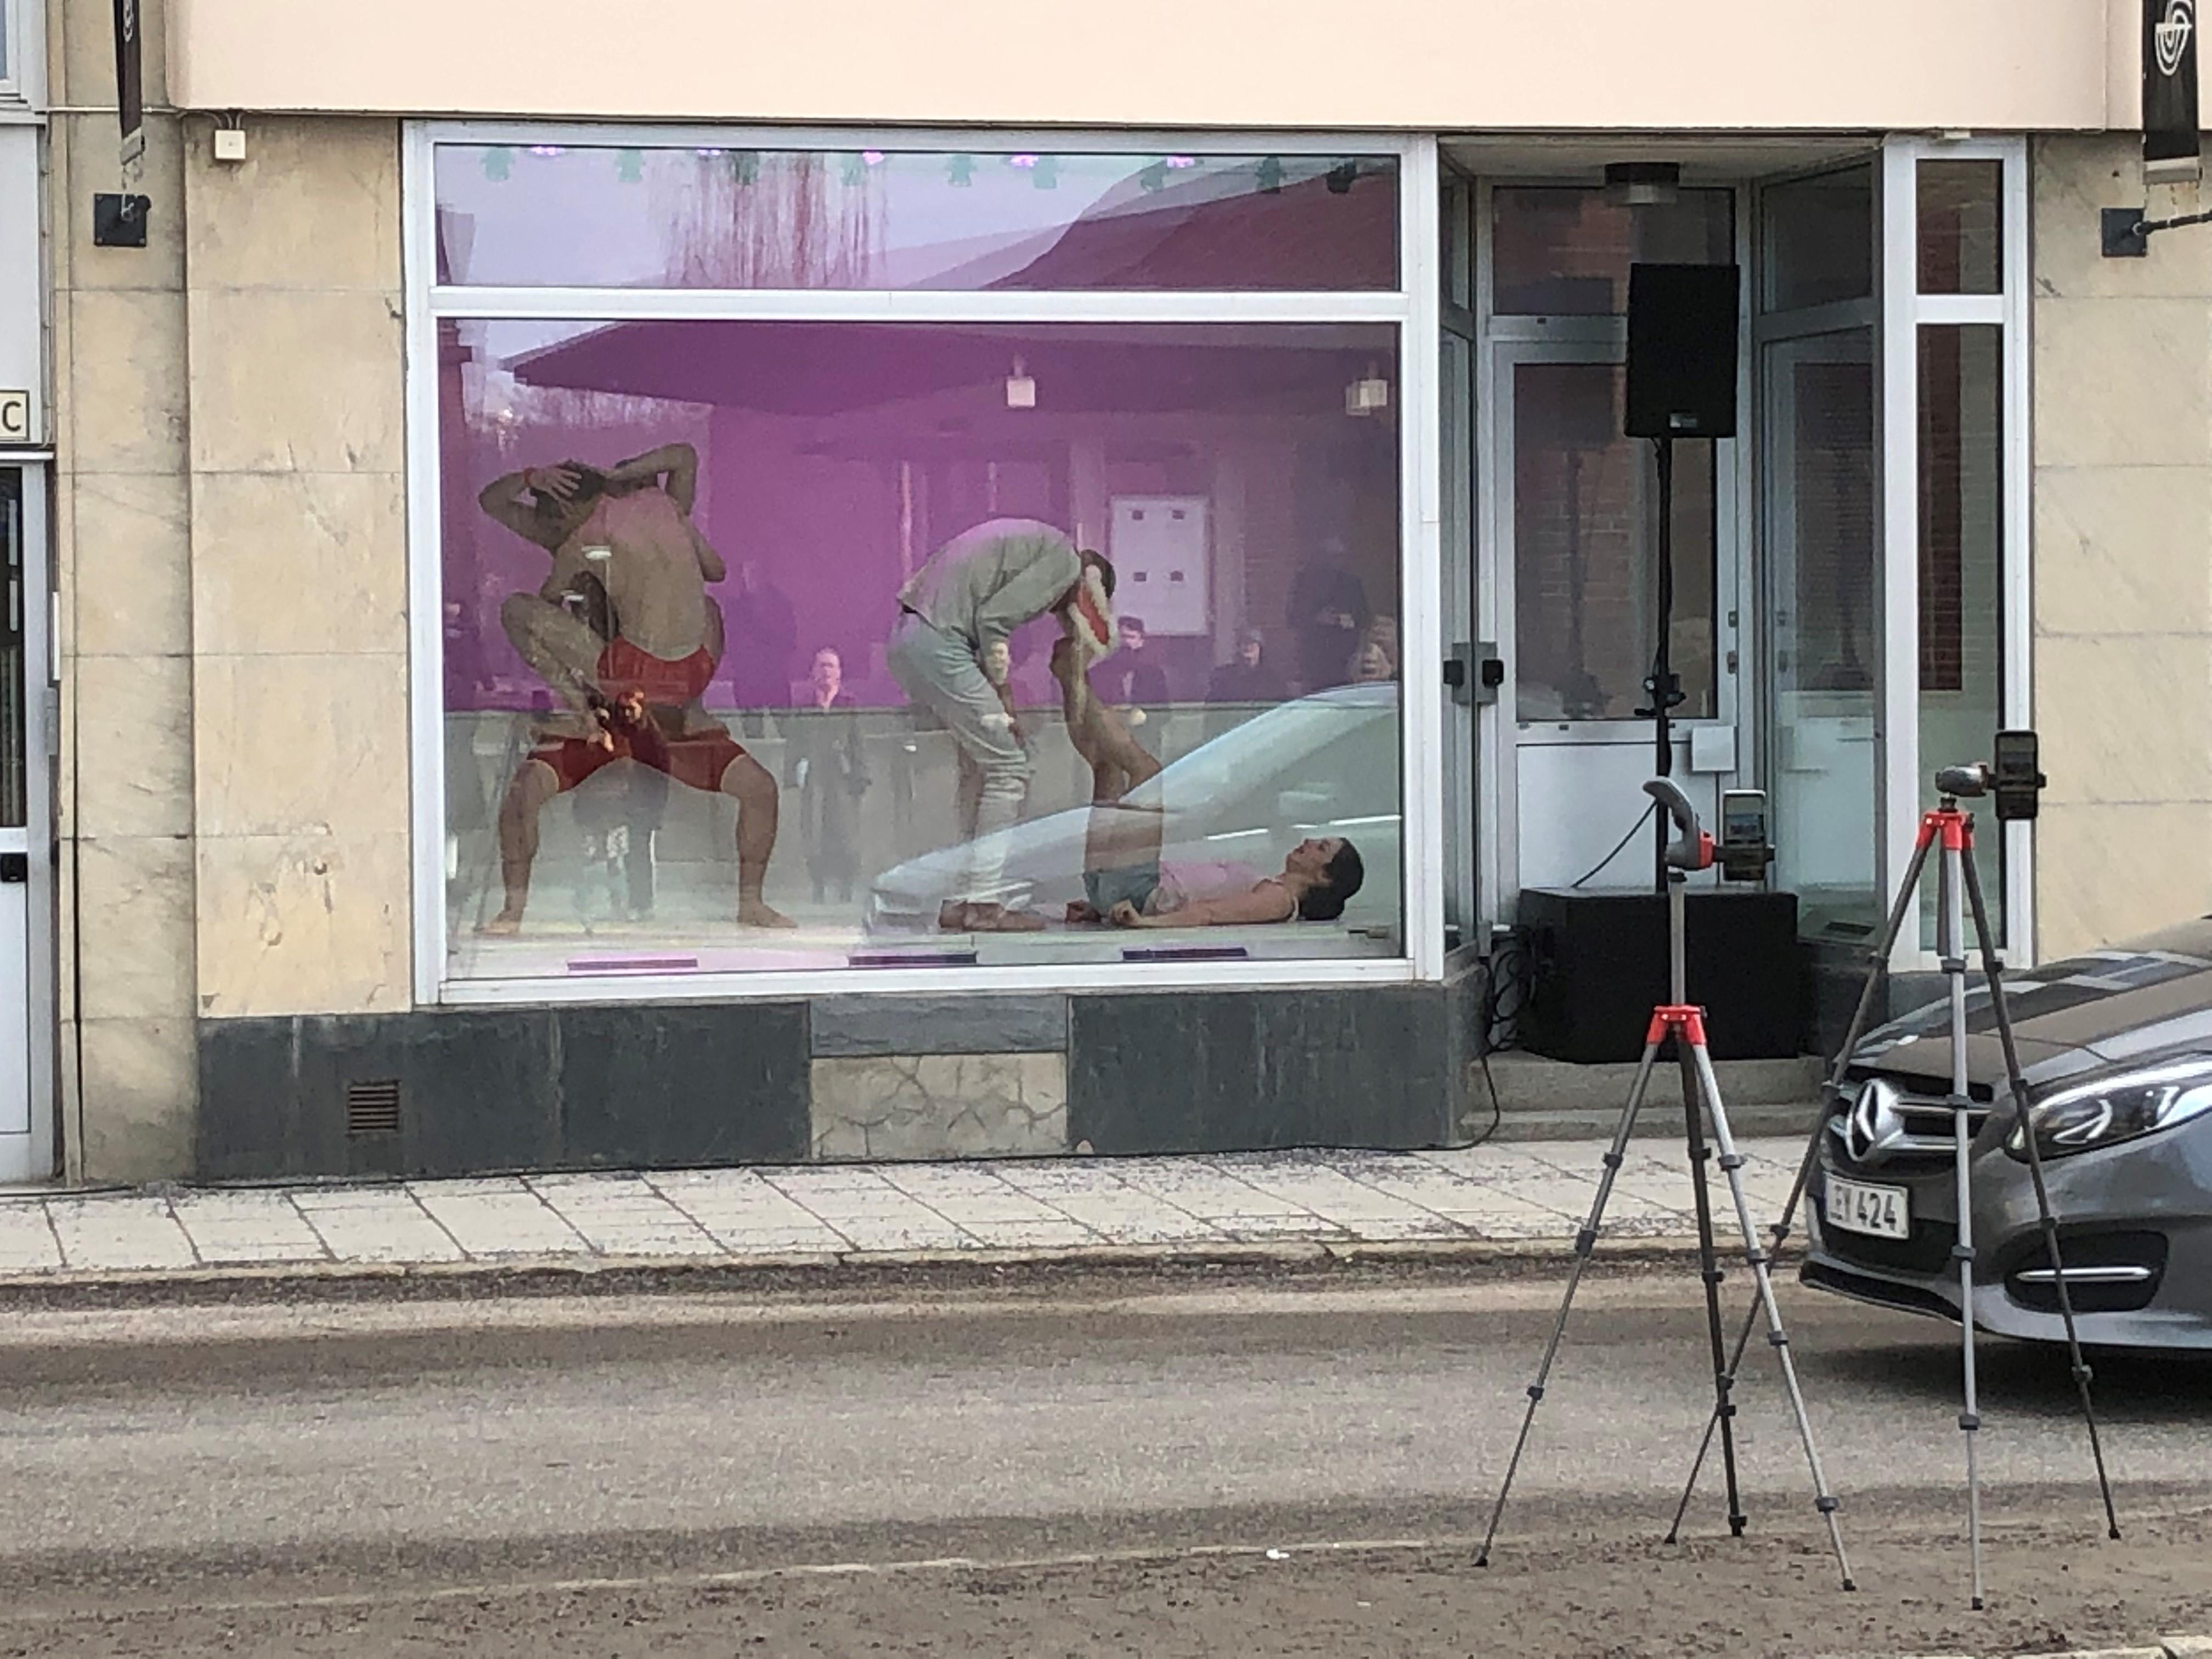 Dansare i ett skyltfönster i Härnösand. Framför skyltfönstret kör bilarna på vägen